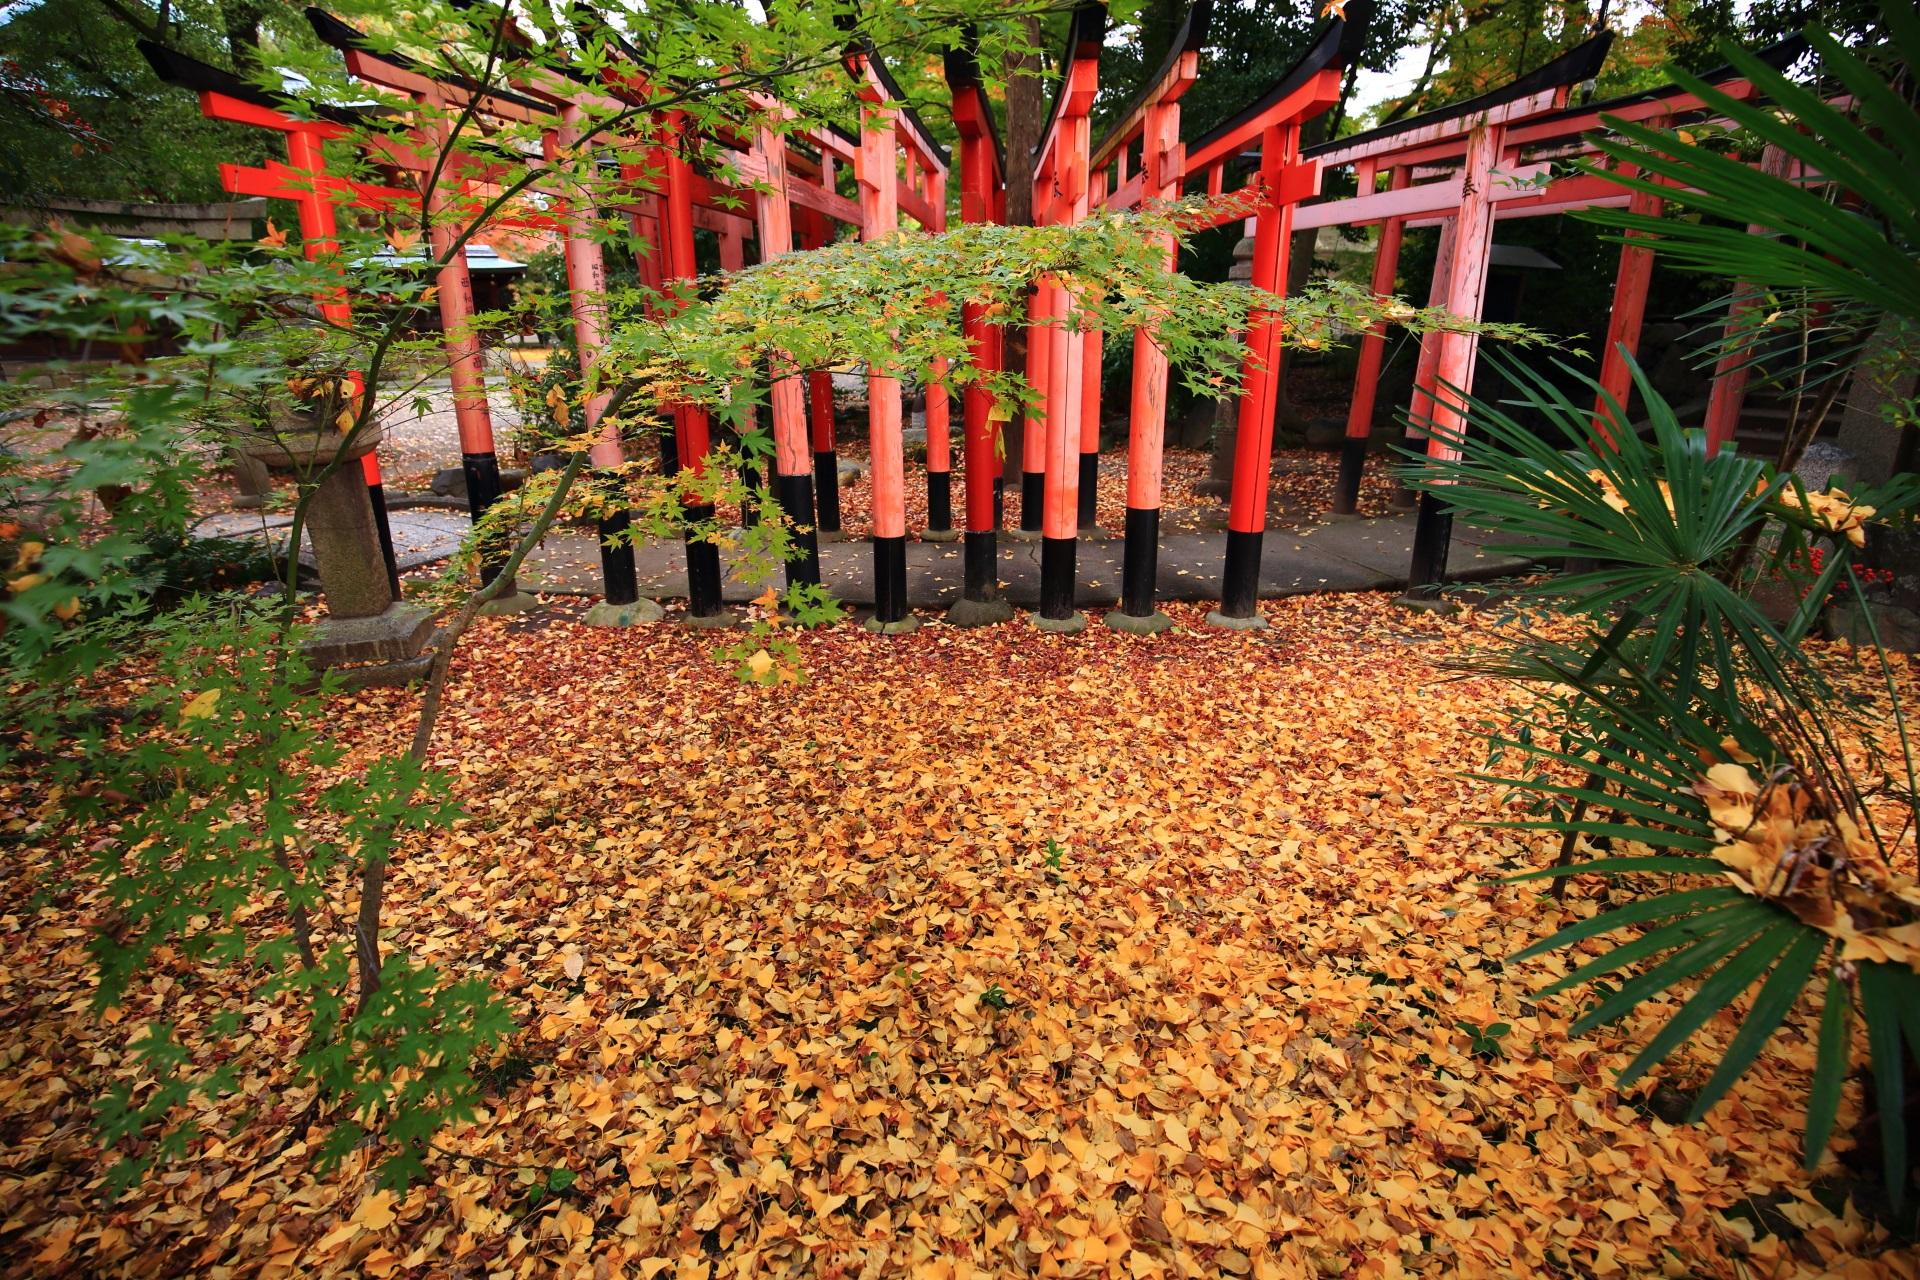 上御霊神社の福壽稲荷社の鳥居と散り銀杏